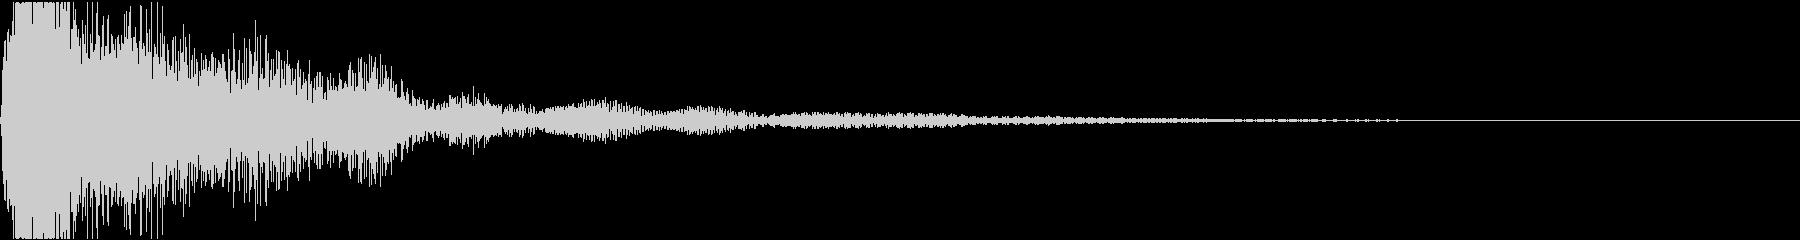 ソ単音のオーケストラルヒットの未再生の波形